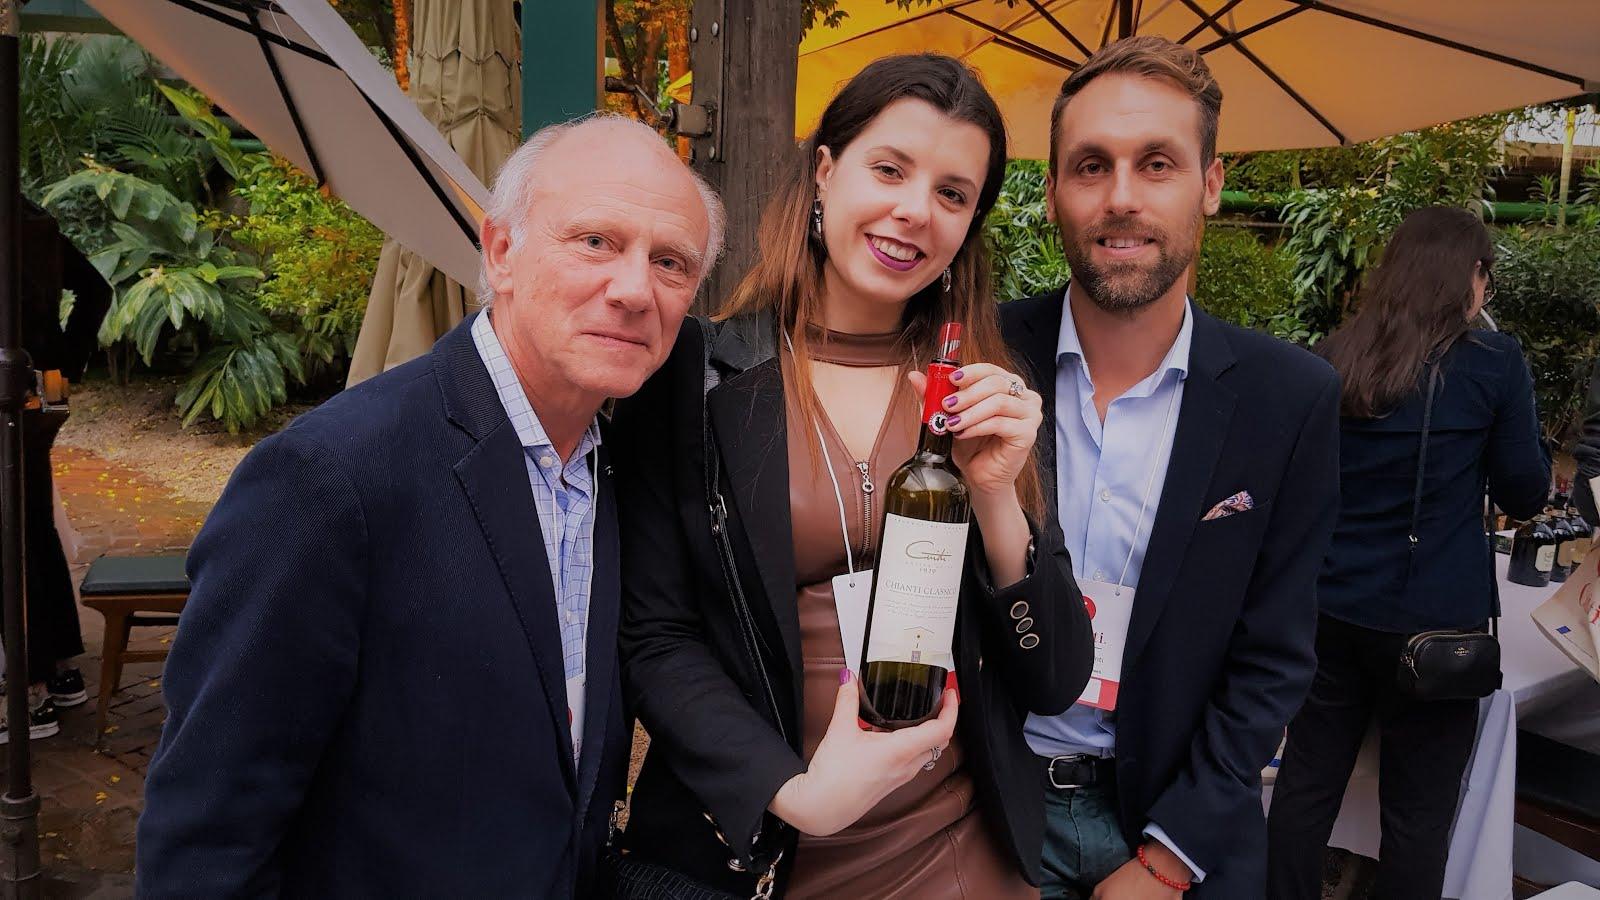 Momento com Nicola Guidi da vinícola Guidi e   a esquerda Bruno Airaghi em Evento Chianti .